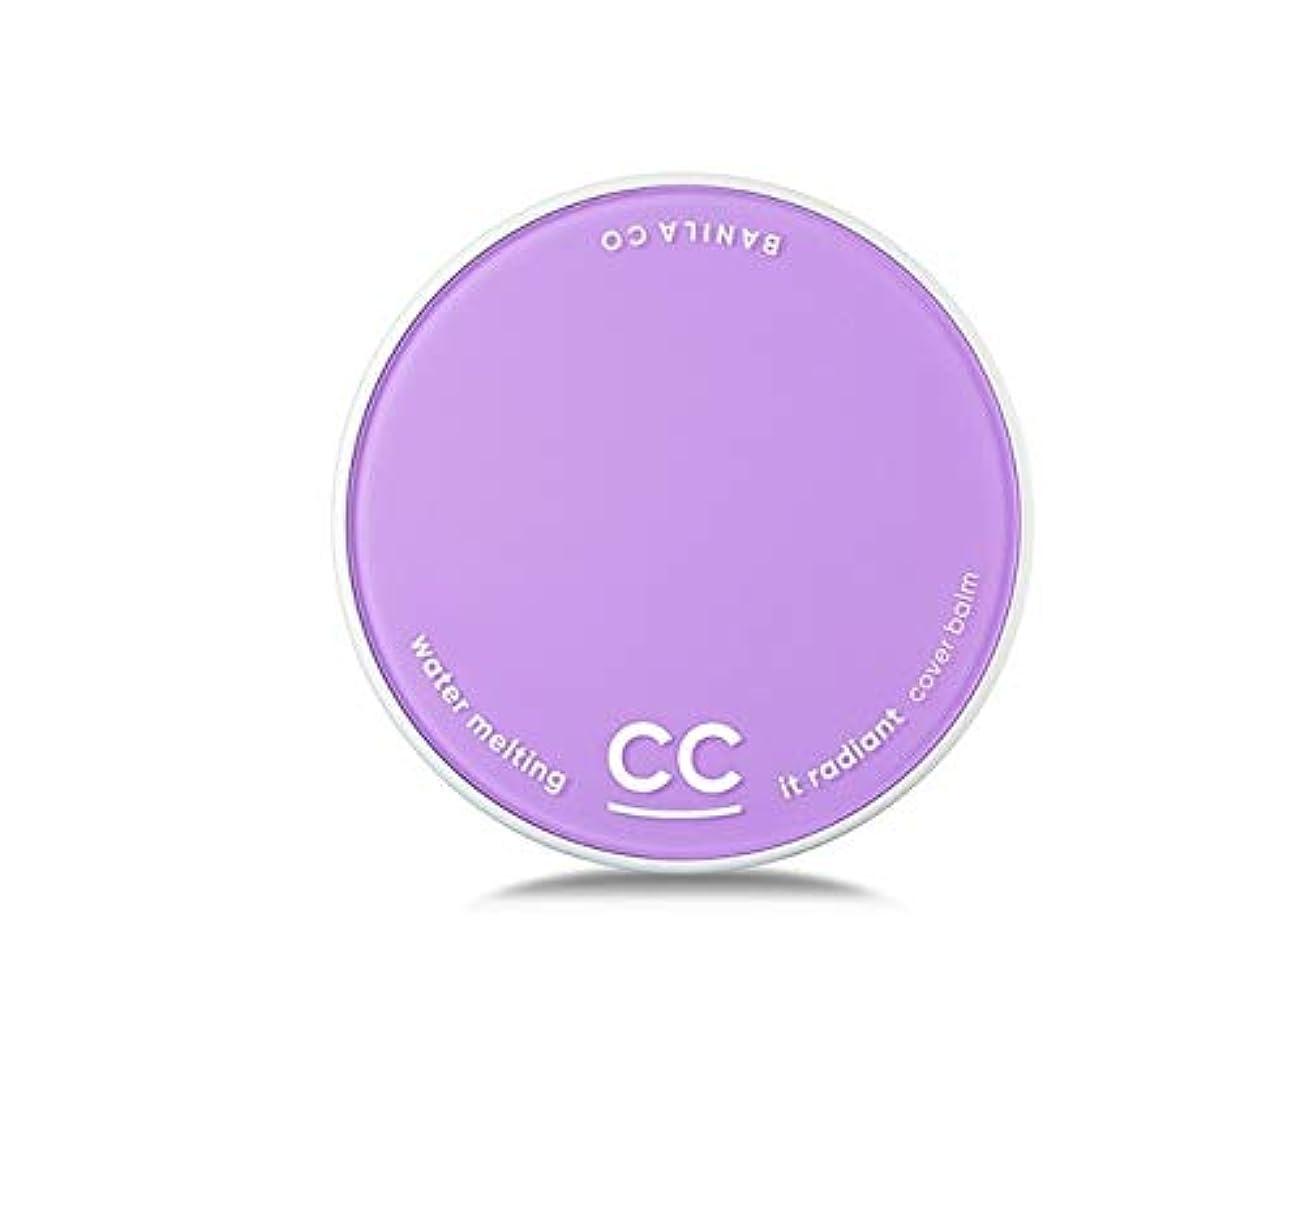 ますます経由でサルベージbanilaco It Radiant CCエッセンスカバーバーム/It Radiant CC Essence Cover Balm 15g # natural beige [並行輸入品]